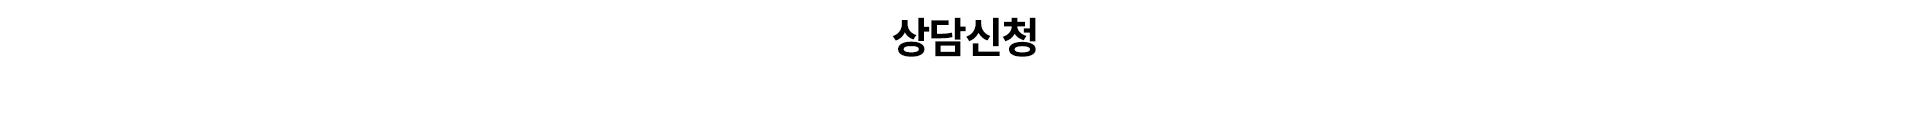 상담신청 페이지 타이틀